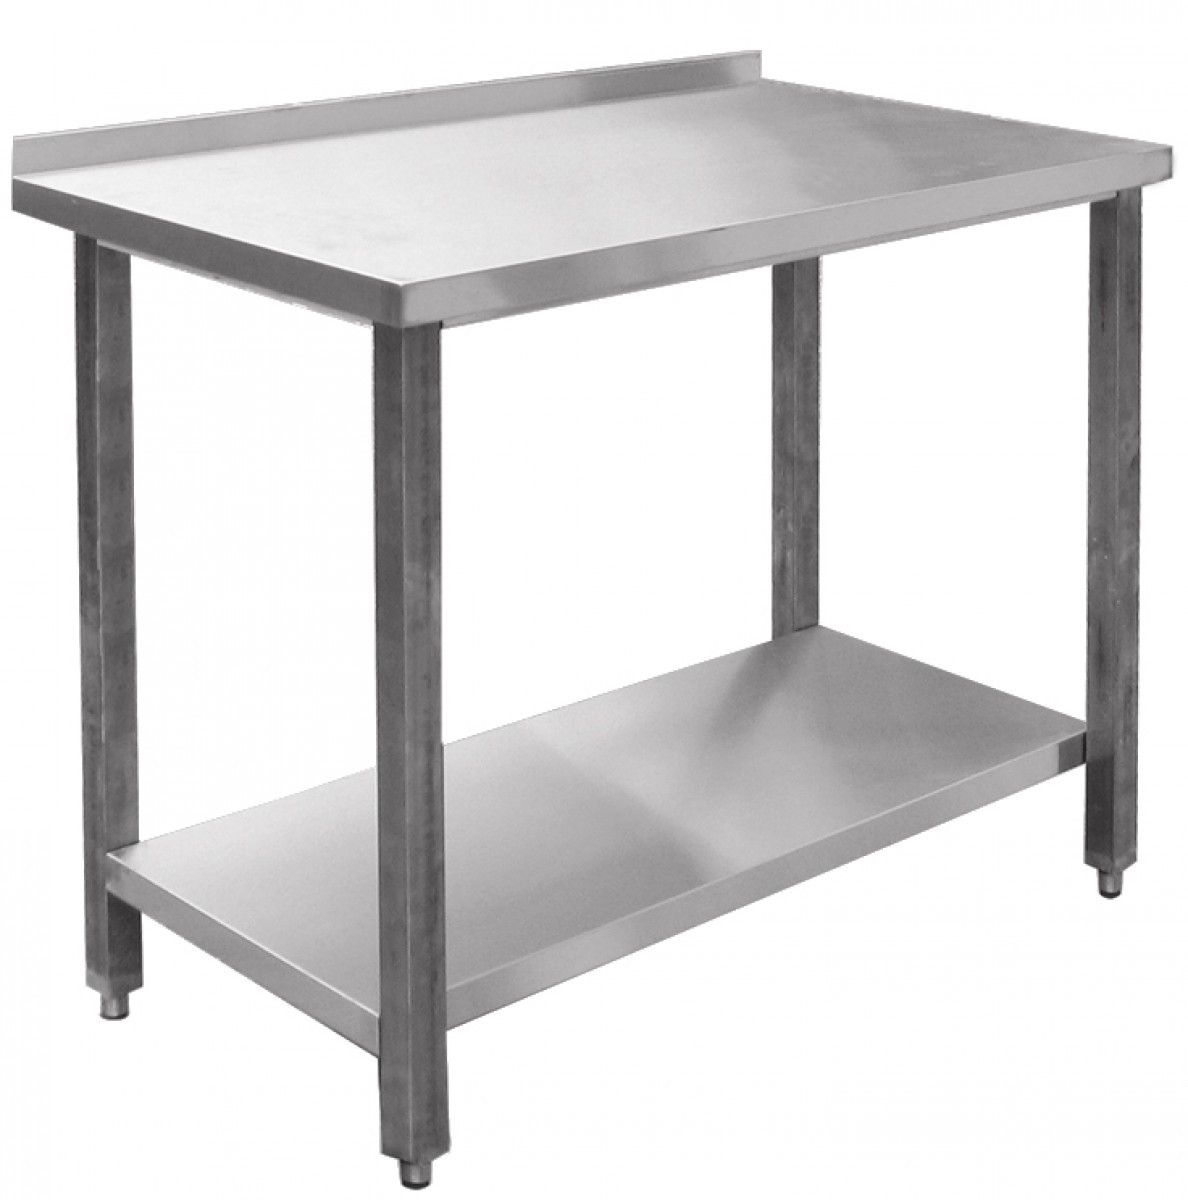 Столы производственные пристенные типа СПРП (каркас с полкой из нержавеющей стали) Abat